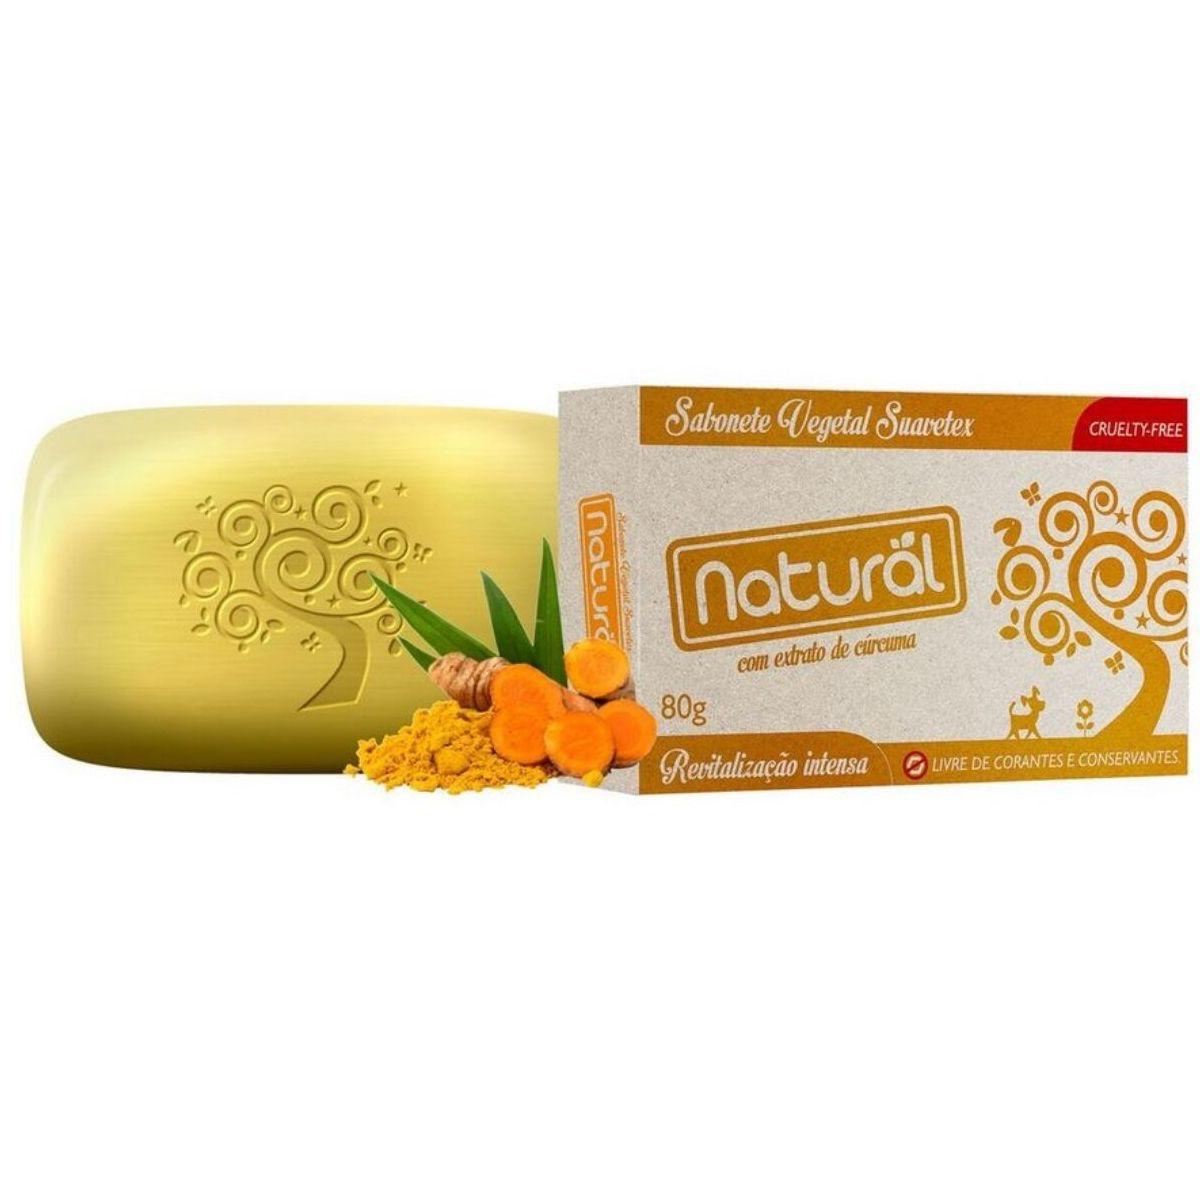 Sabonete Suavetex Natural Com Extrato De Cúrcuma 80g - Suavetex